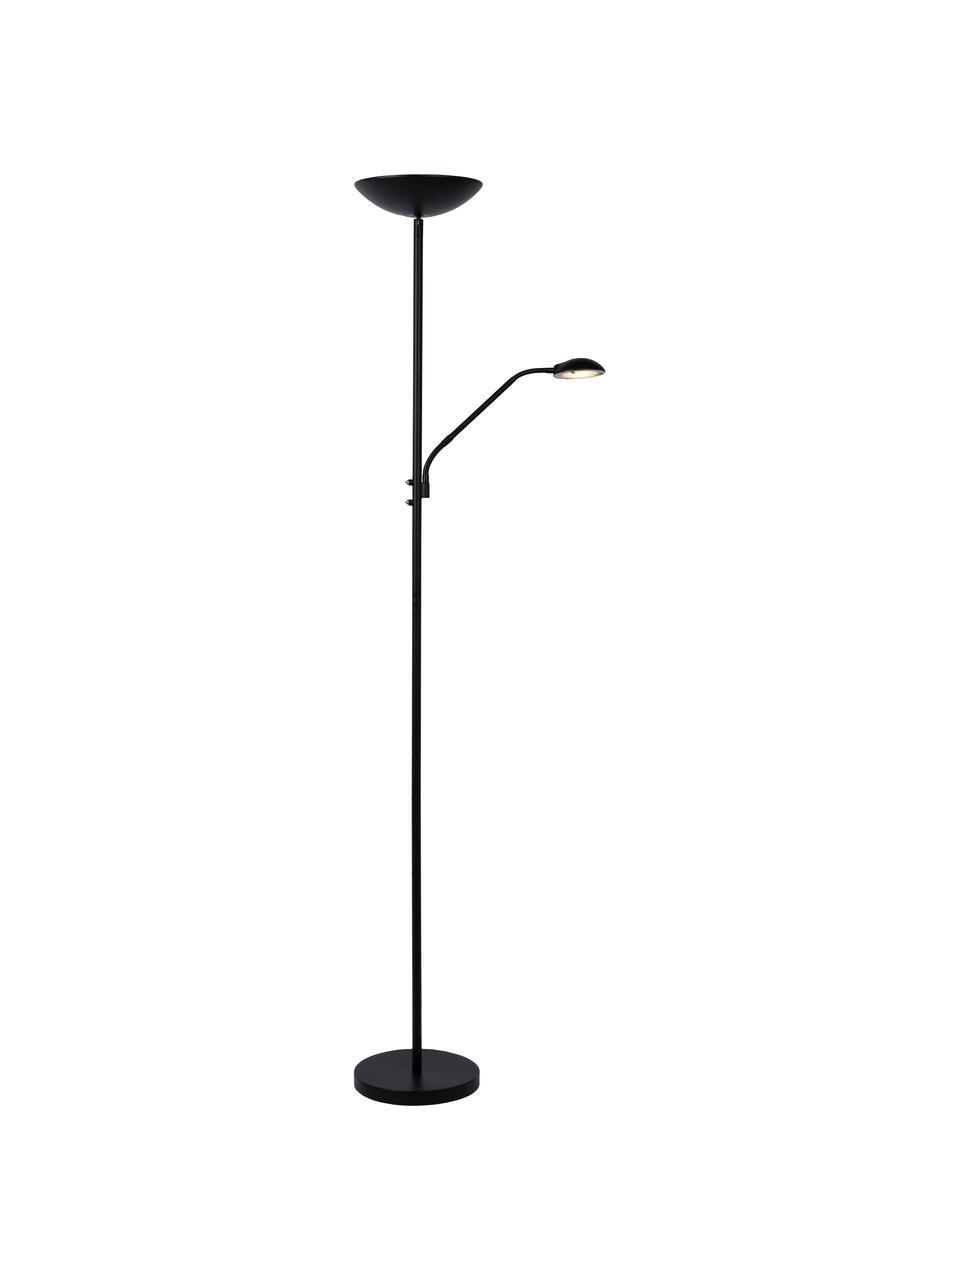 Großer Dimmbarer LED-Deckenfluter Zenith mit Leselampe, Lampenschirm: Metall, Lampenfuß: Metall, Schwarz, 53 x 180 cm